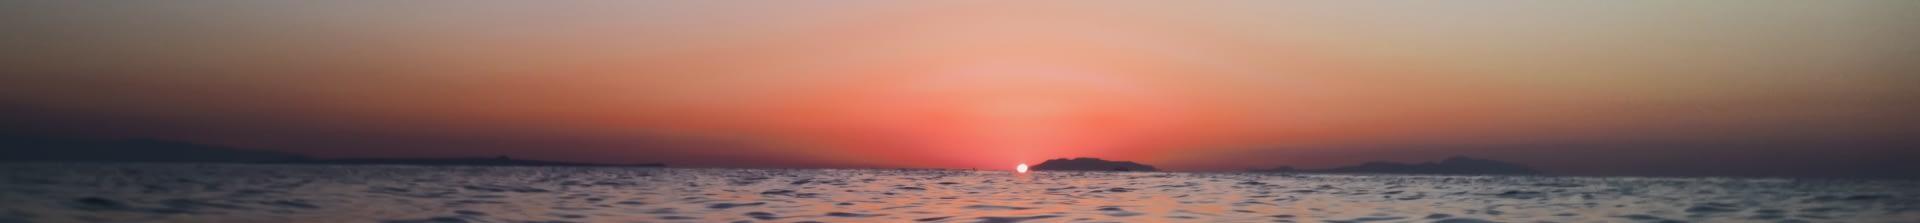 Bandeau Nuit sur la mer